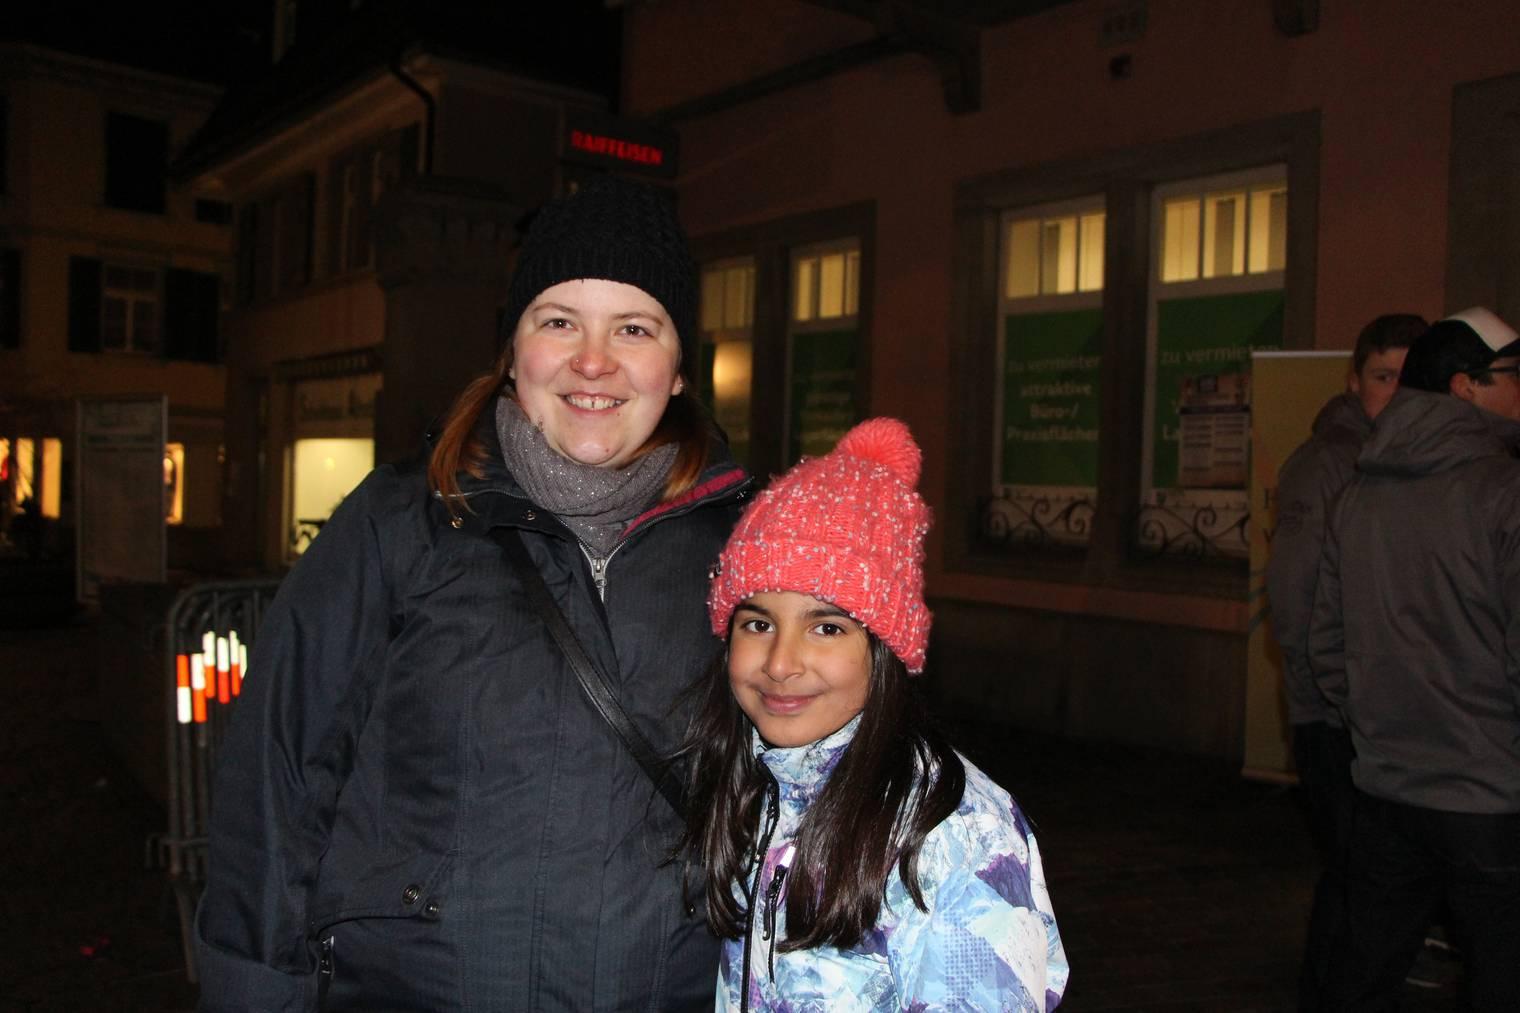 Nathalie Baumgartner mit Aisha Didi aus Lüchingen haben schon lange auf dieses Fest gewartet. Aisha ist schon seit sie zwei Jahre alt ist als Ehrendame bei den Röllelibutzen Altstätten dabei. Ihre Mutter war im Fest-OK mit dabei. (Bild: FM1Today/Noémie Bont)